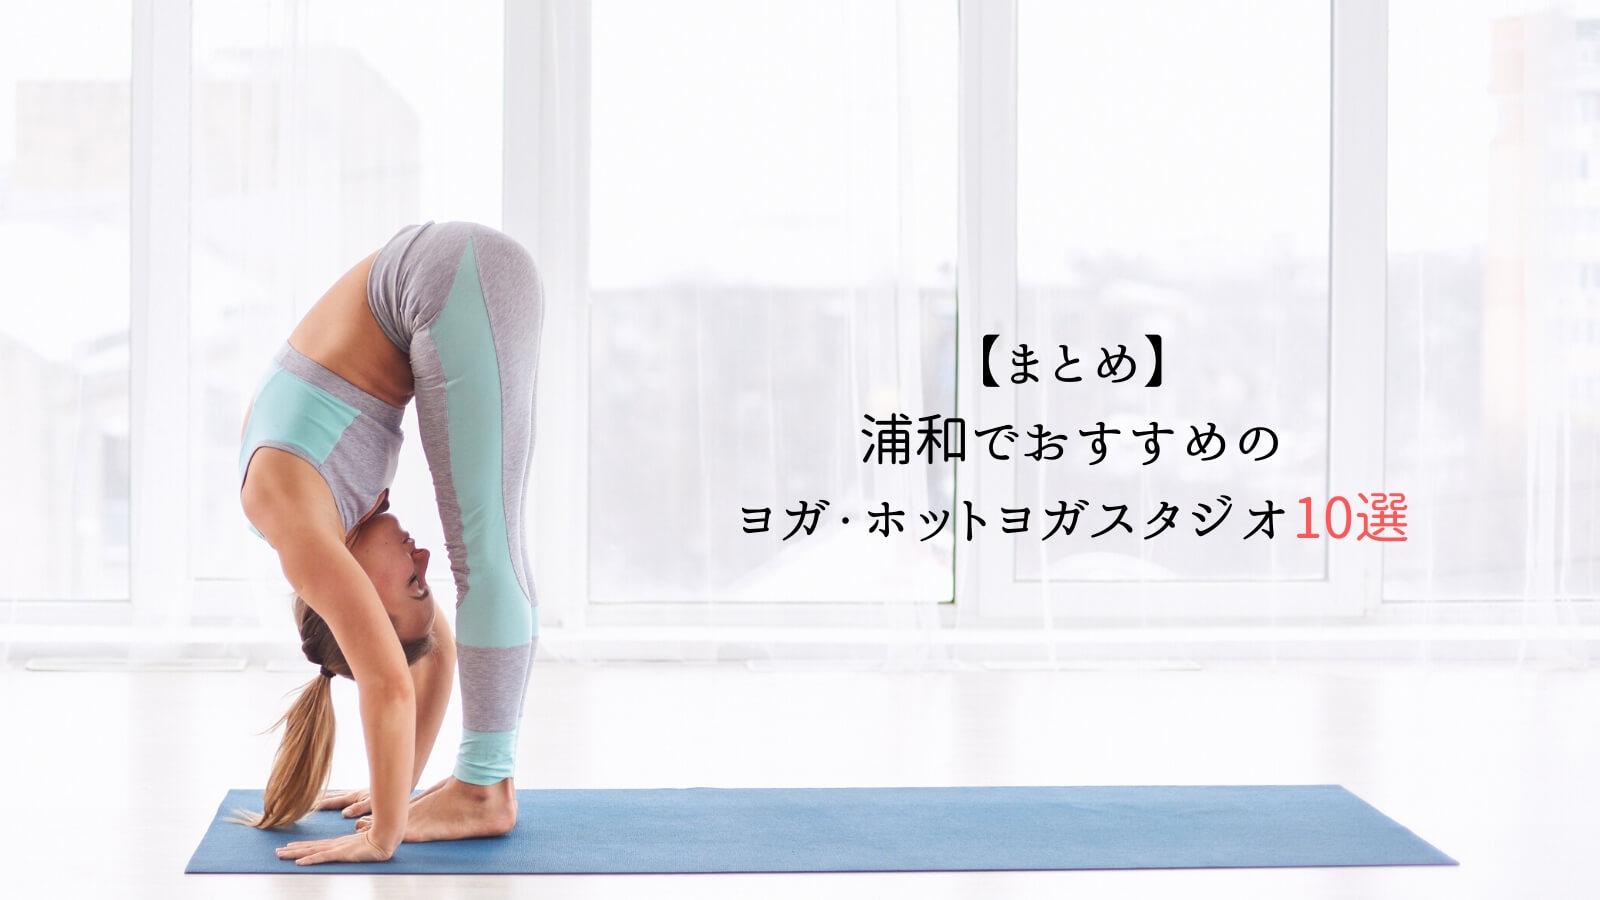 【まとめ】浦和でおすすめのヨガ・ホットヨガスタジオ10選